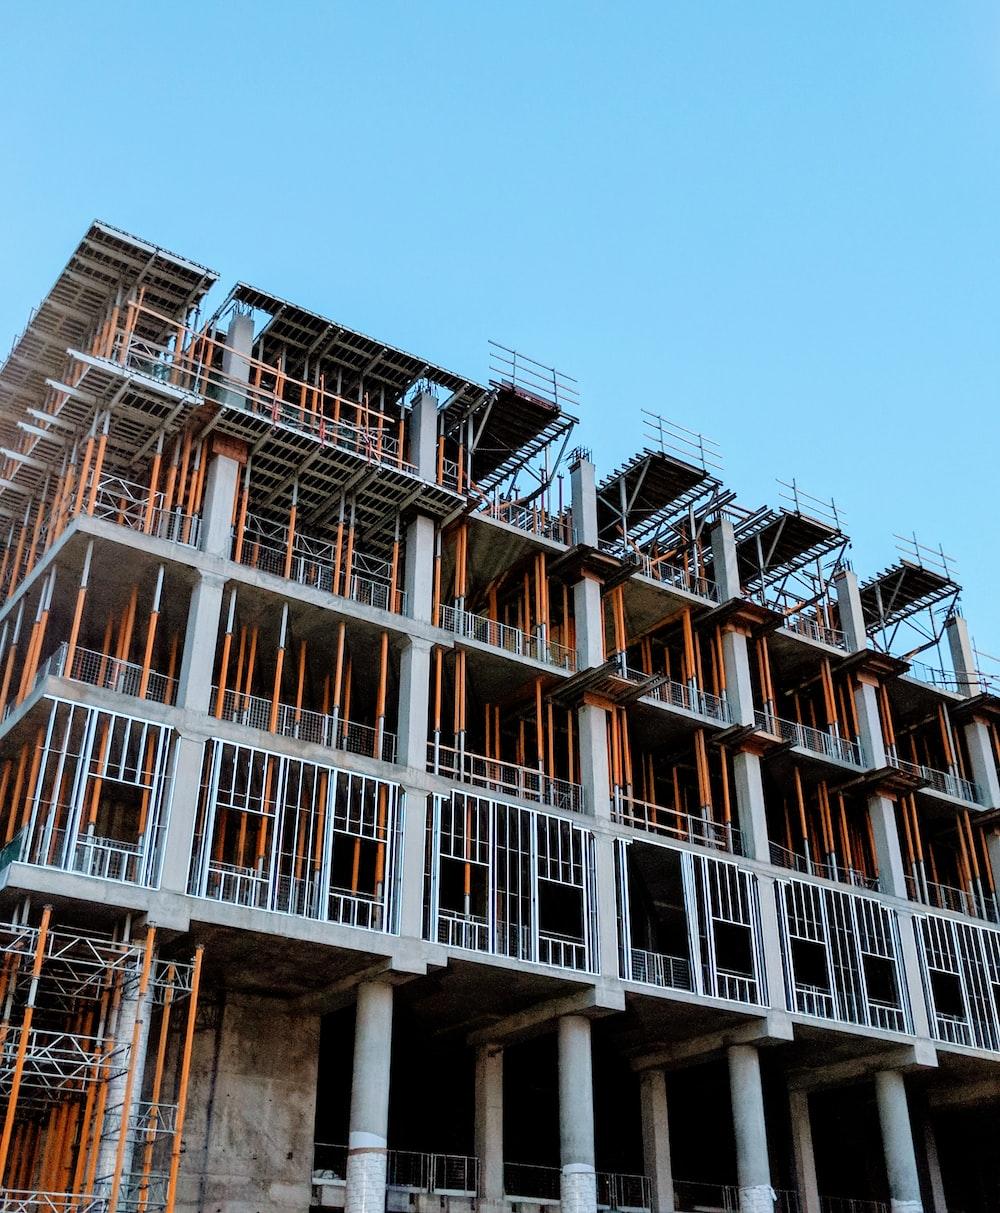 gray concrete building under construction